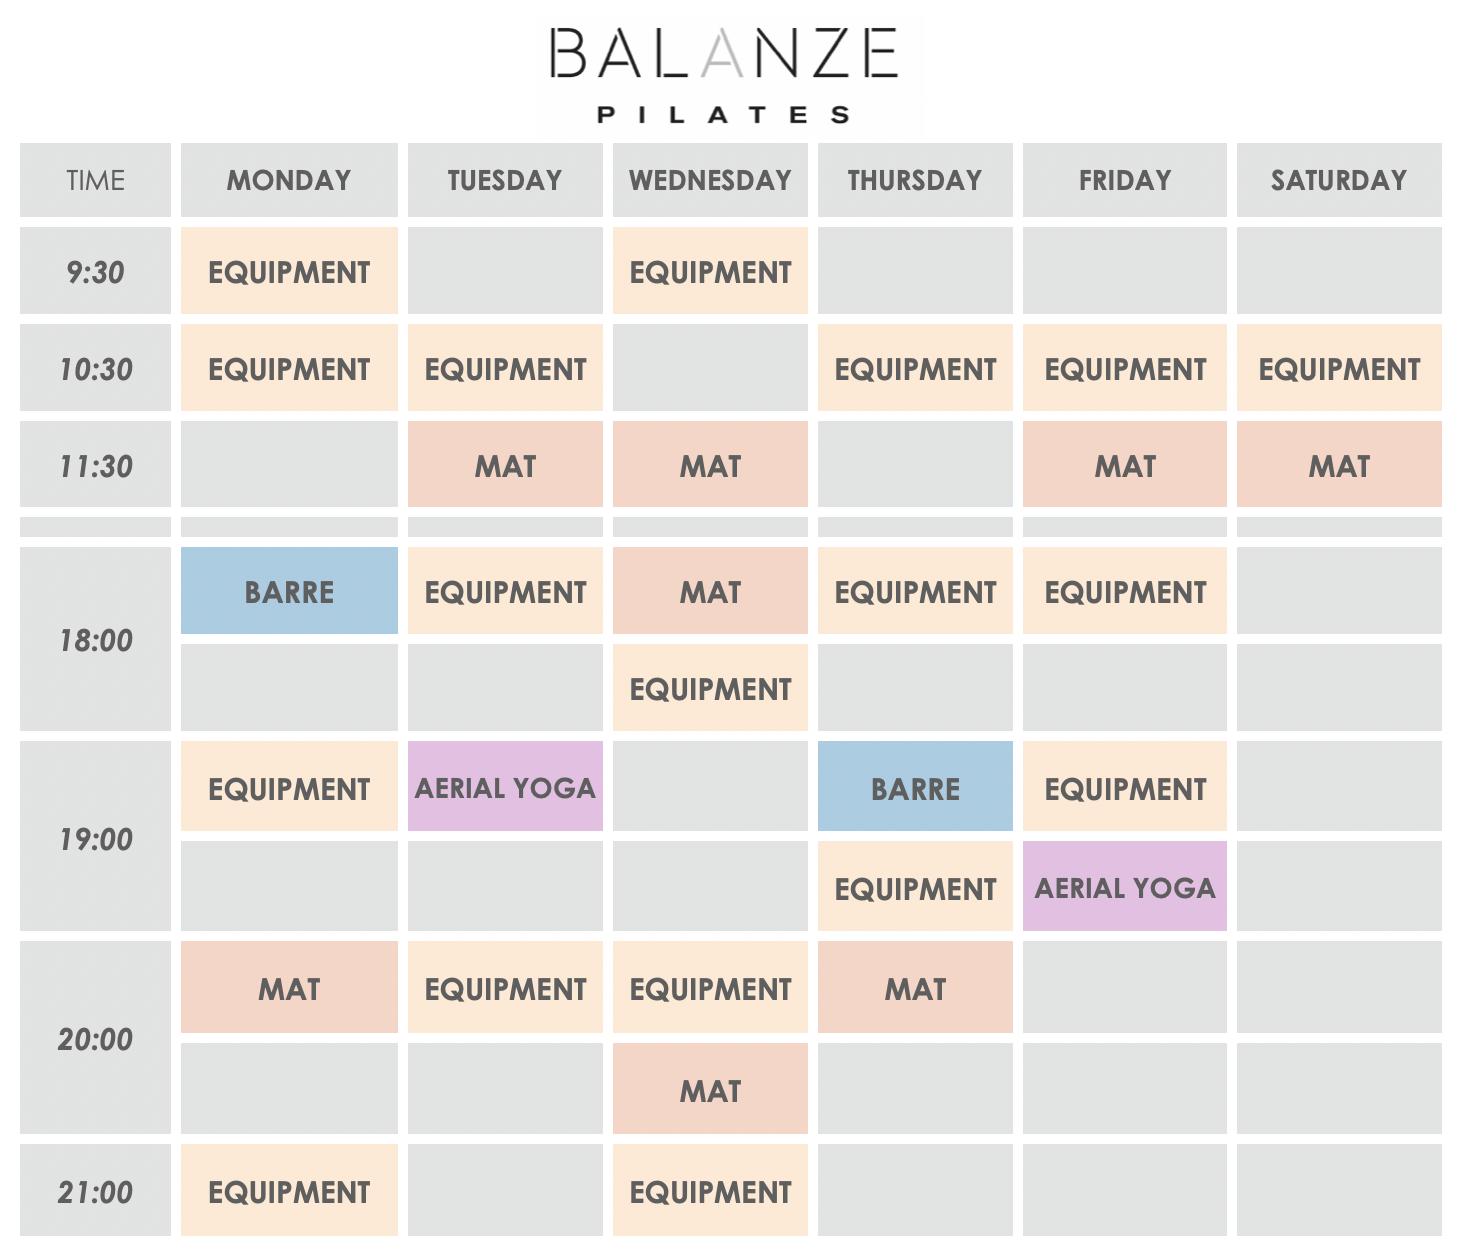 Εβδομαδιαίο Πρόγραμμα Pilates